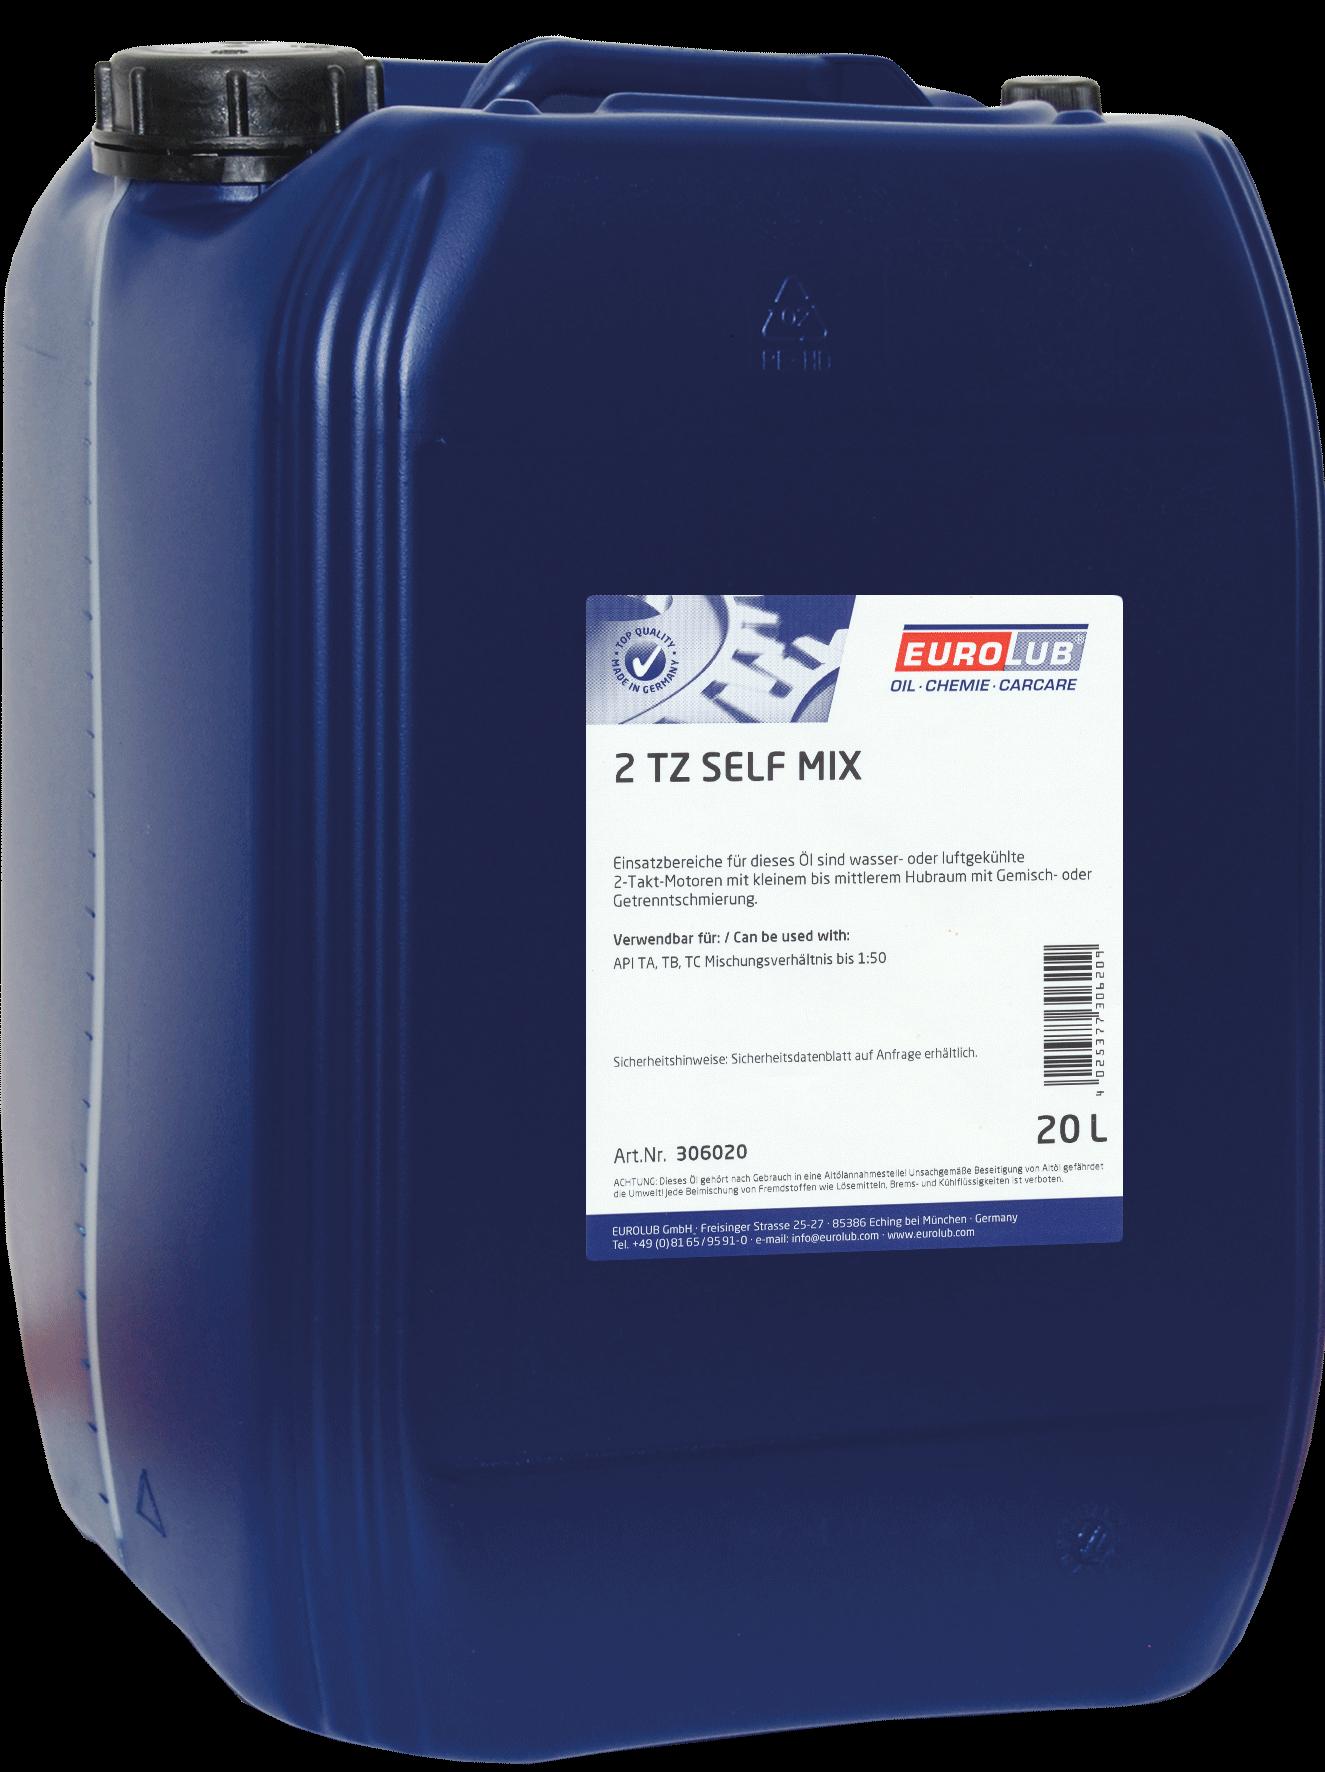 EUROLUB 2 TZ mineralisch SELF MIX, 20л